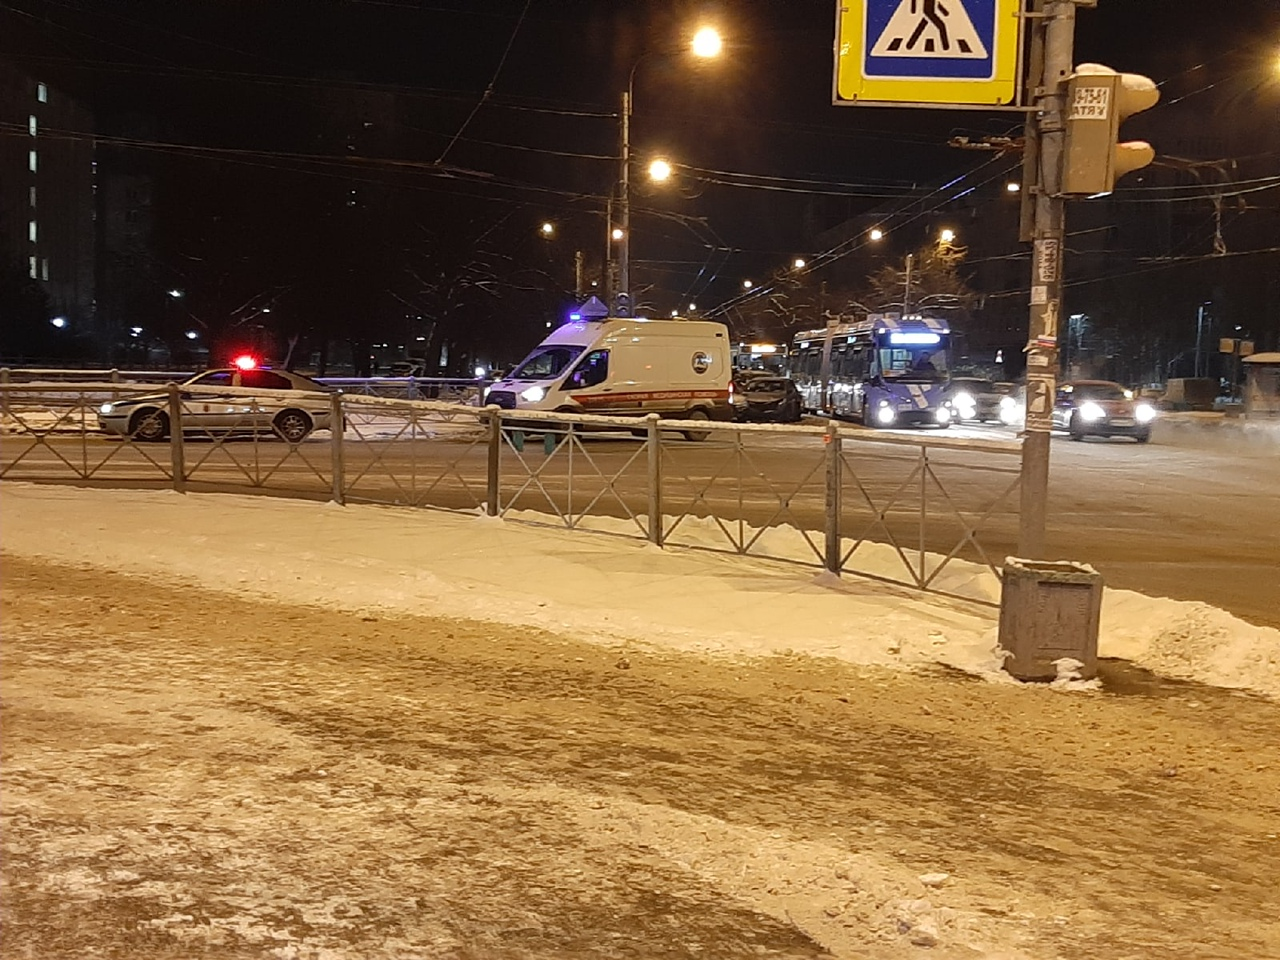 Сереьёзная авария на пересечении Гражданского проспекта и Гидротехников . 7 машин. Троллейбусы стоят...